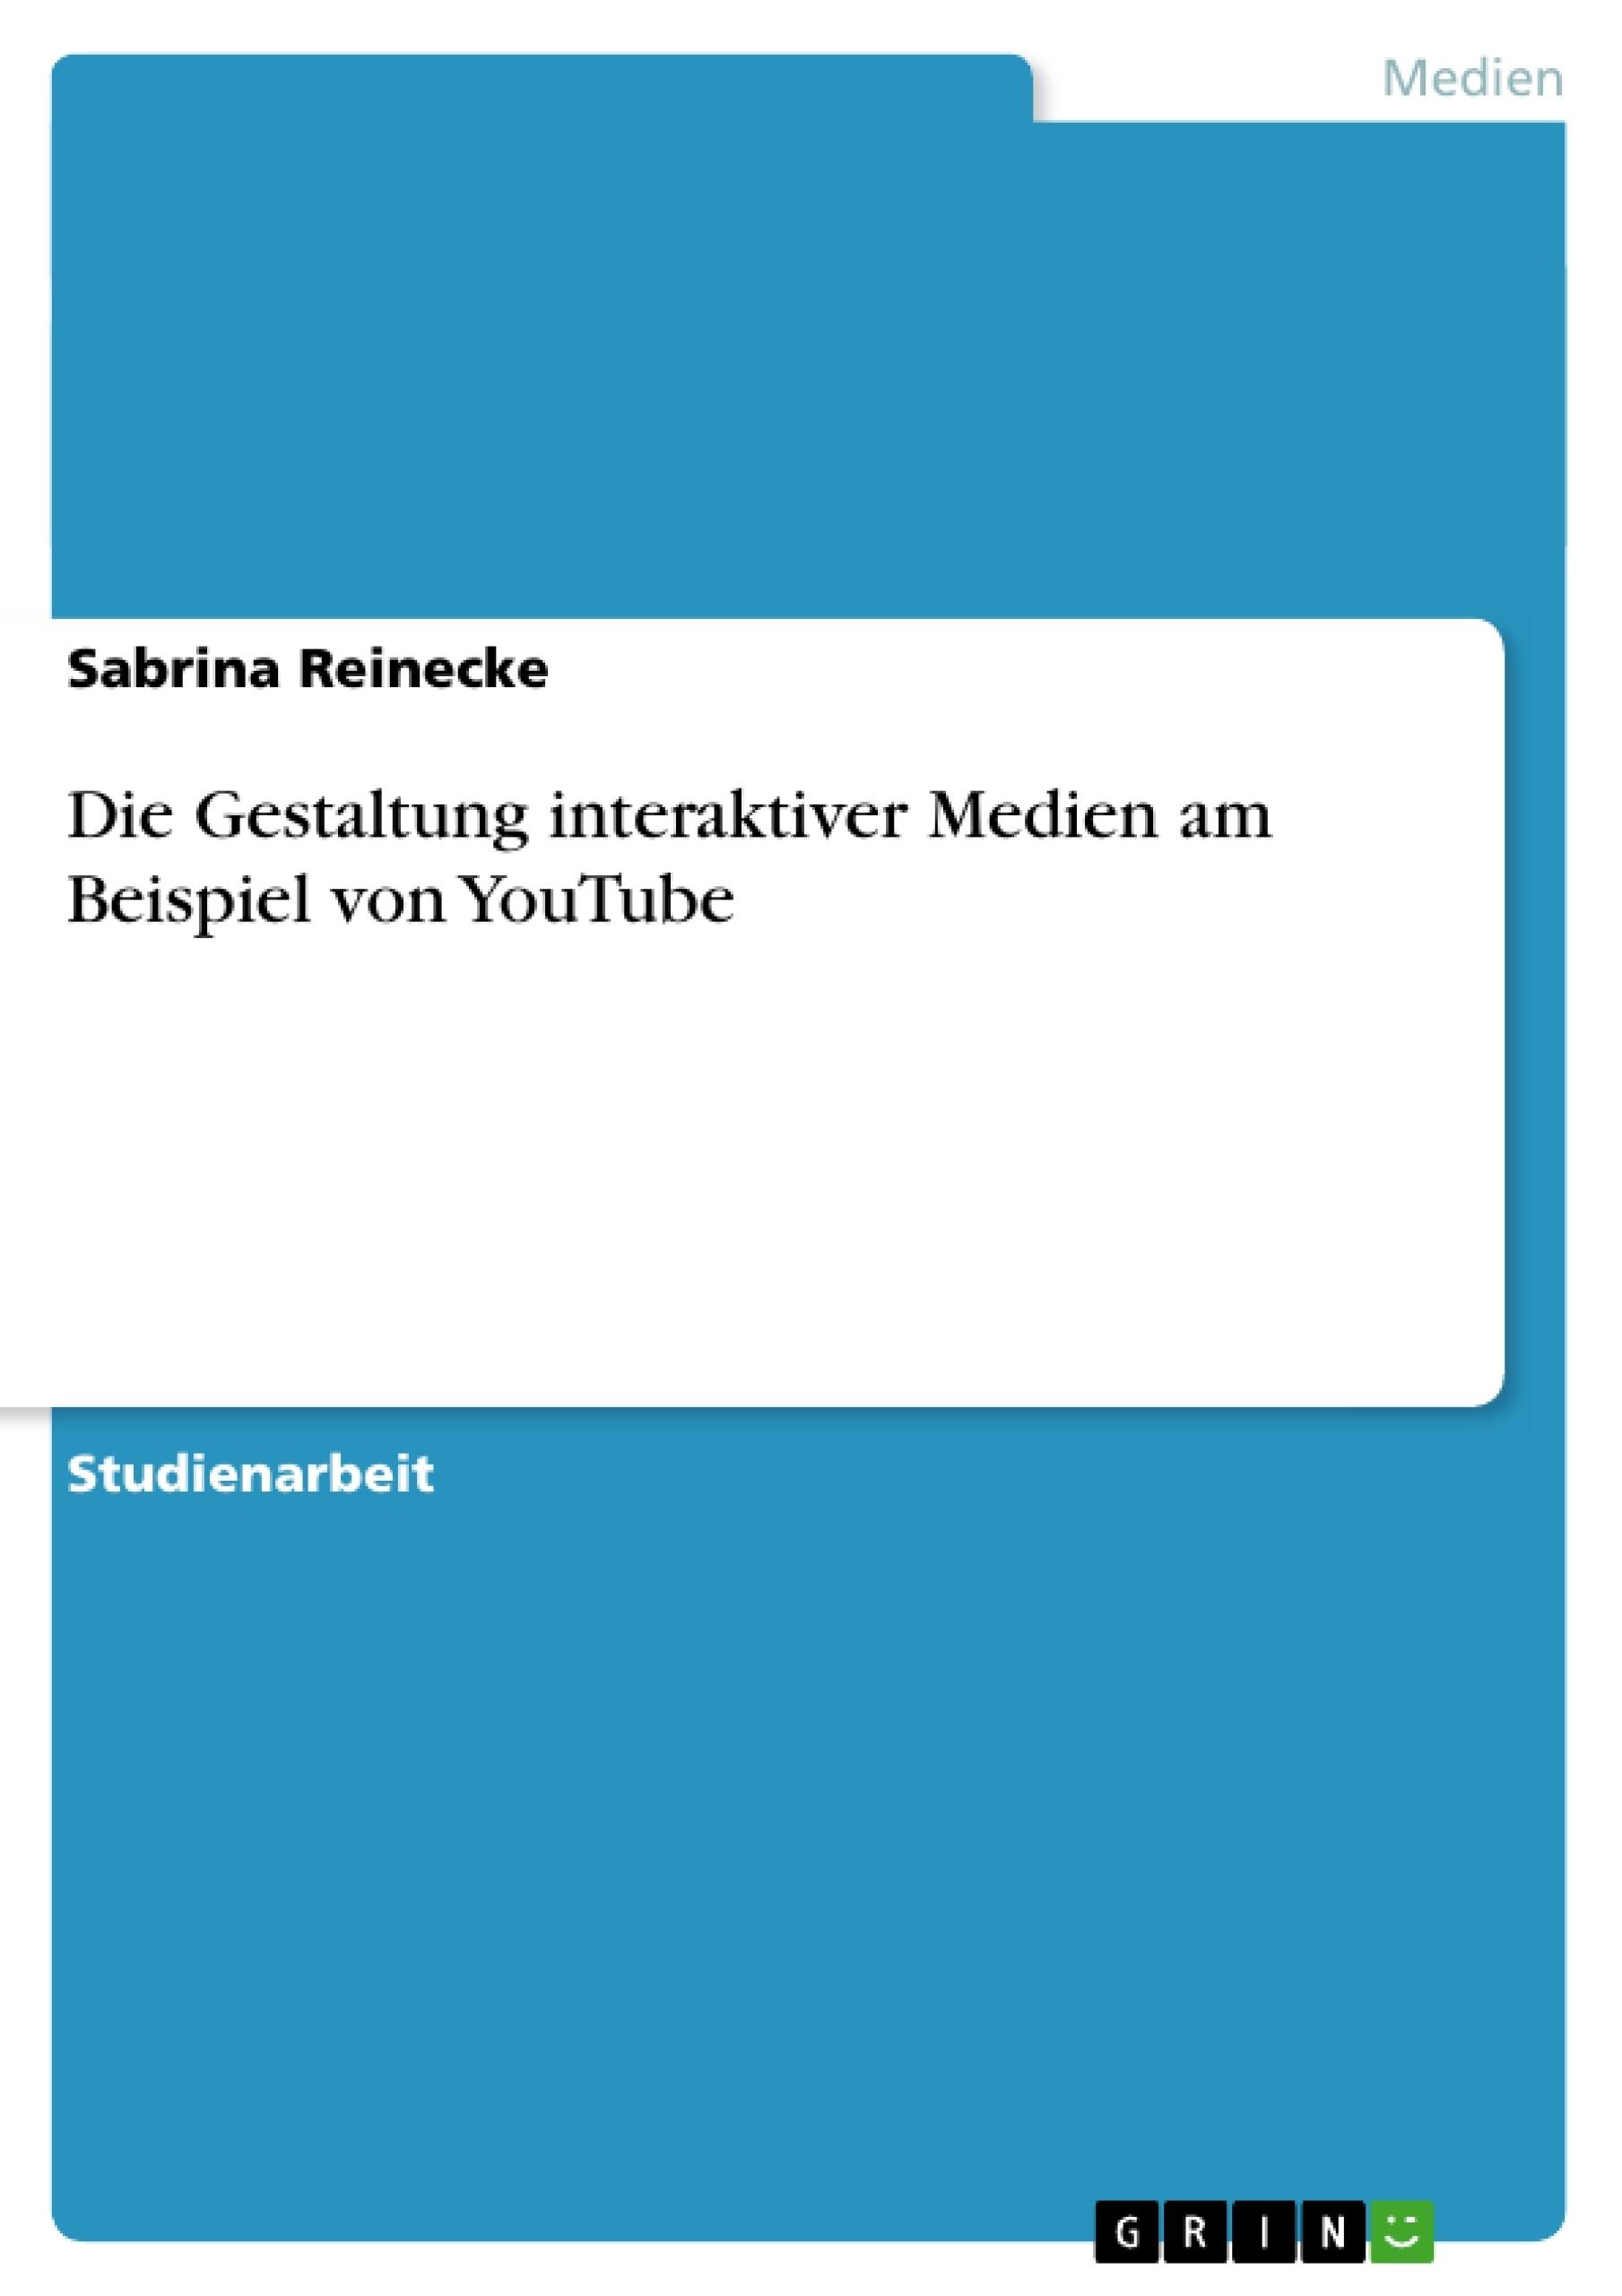 Titel: Die Gestaltung interaktiver Medien am Beispiel von YouTube